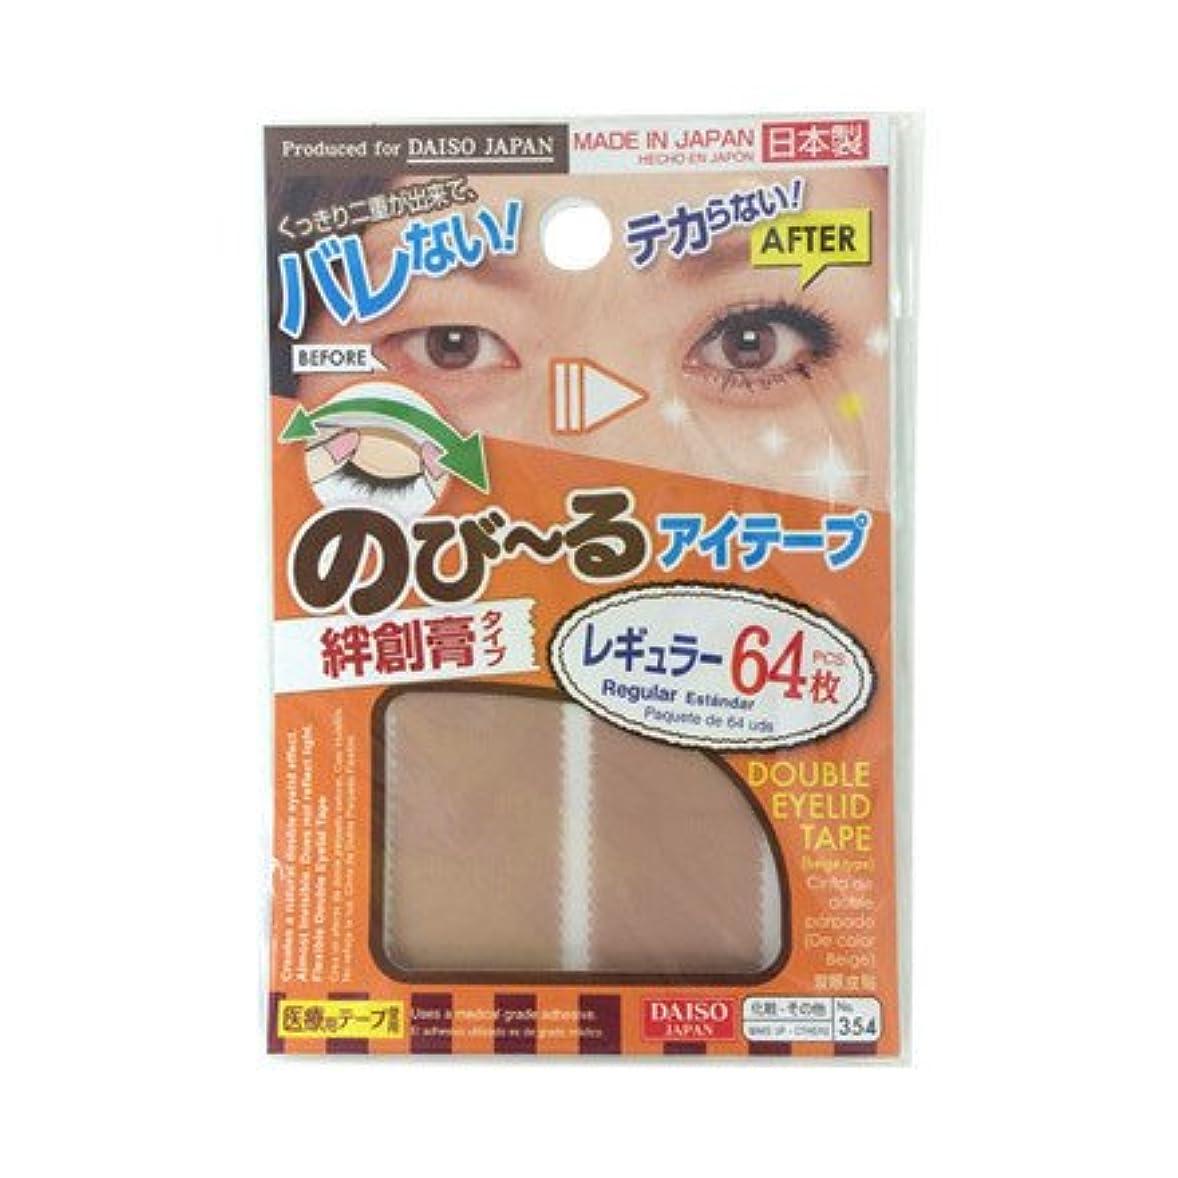 隣接するバトル忌避剤daiso ダイソー のび~る アイテープ  絆創膏 レギュラー 64枚 ×2パック